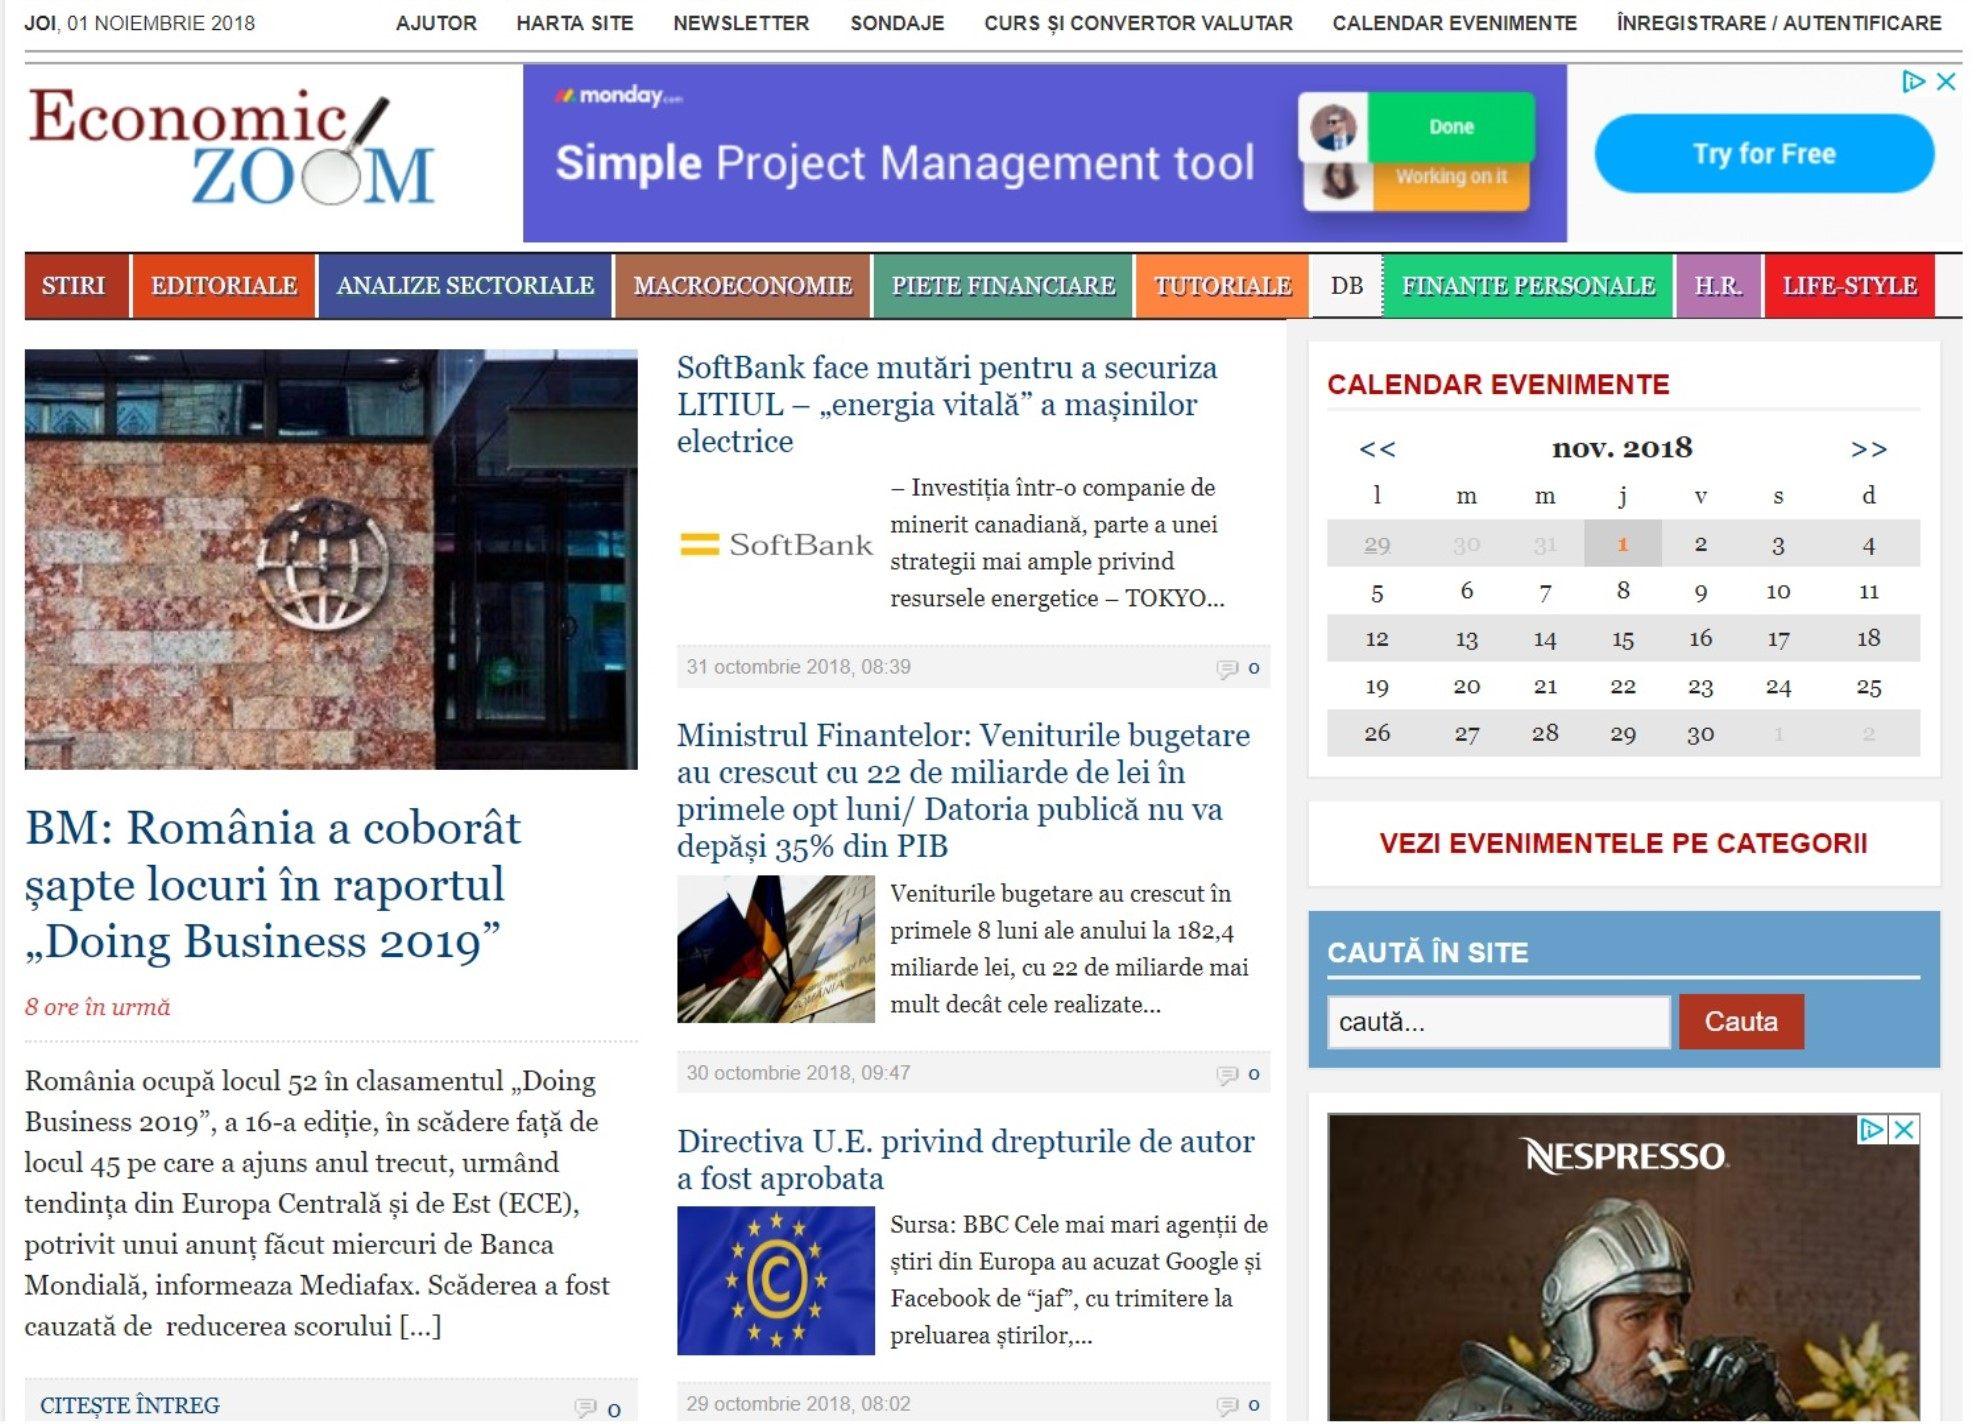 Economic Zoom - Portal Economic, Financiar și de Afaceri